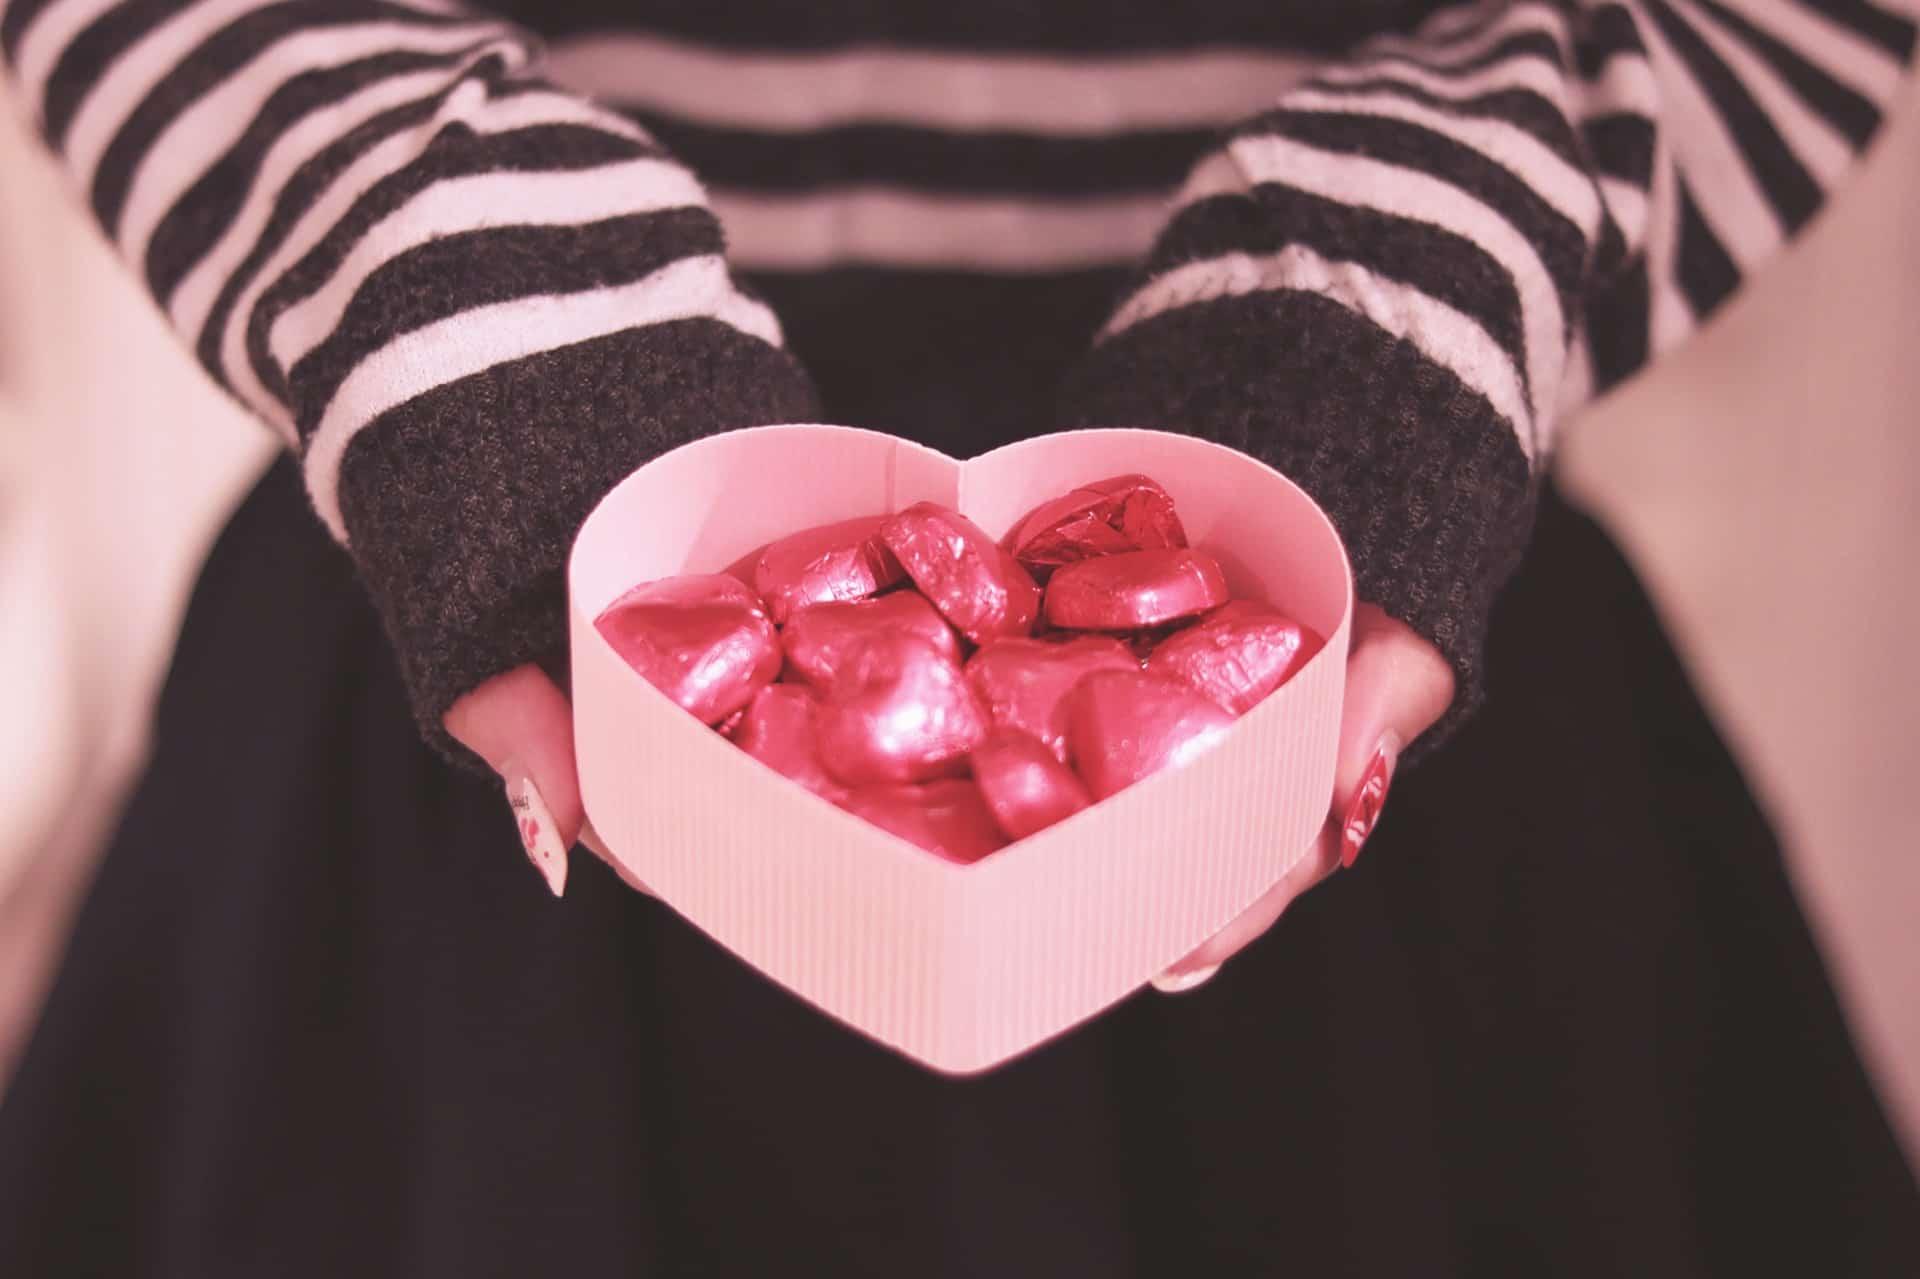 そごう神戸店で開催の「バレンタインチョコレートパラダイス2018」。普段買えないあのブランドも登場!